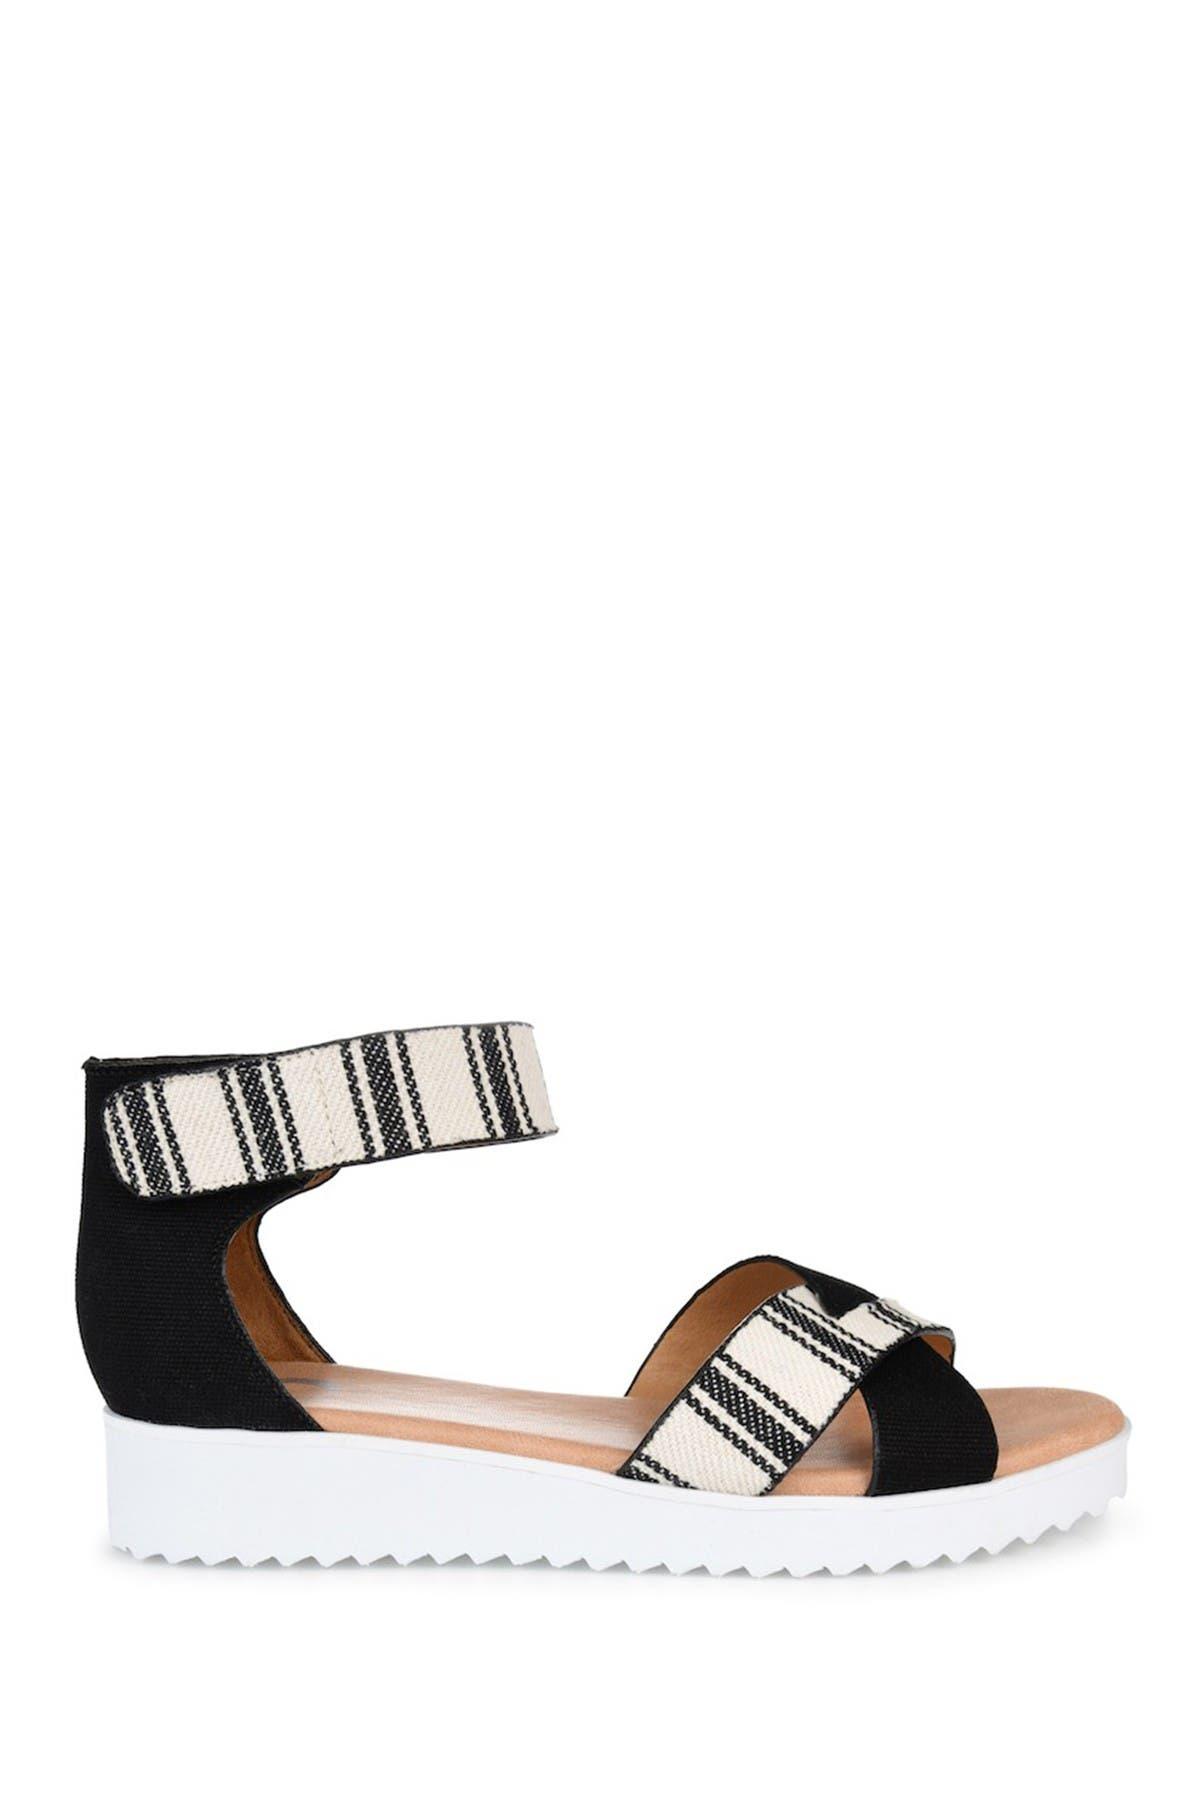 Journee Collection Sandals JAVA PLATFORM ANKLE STRAP SANDAL